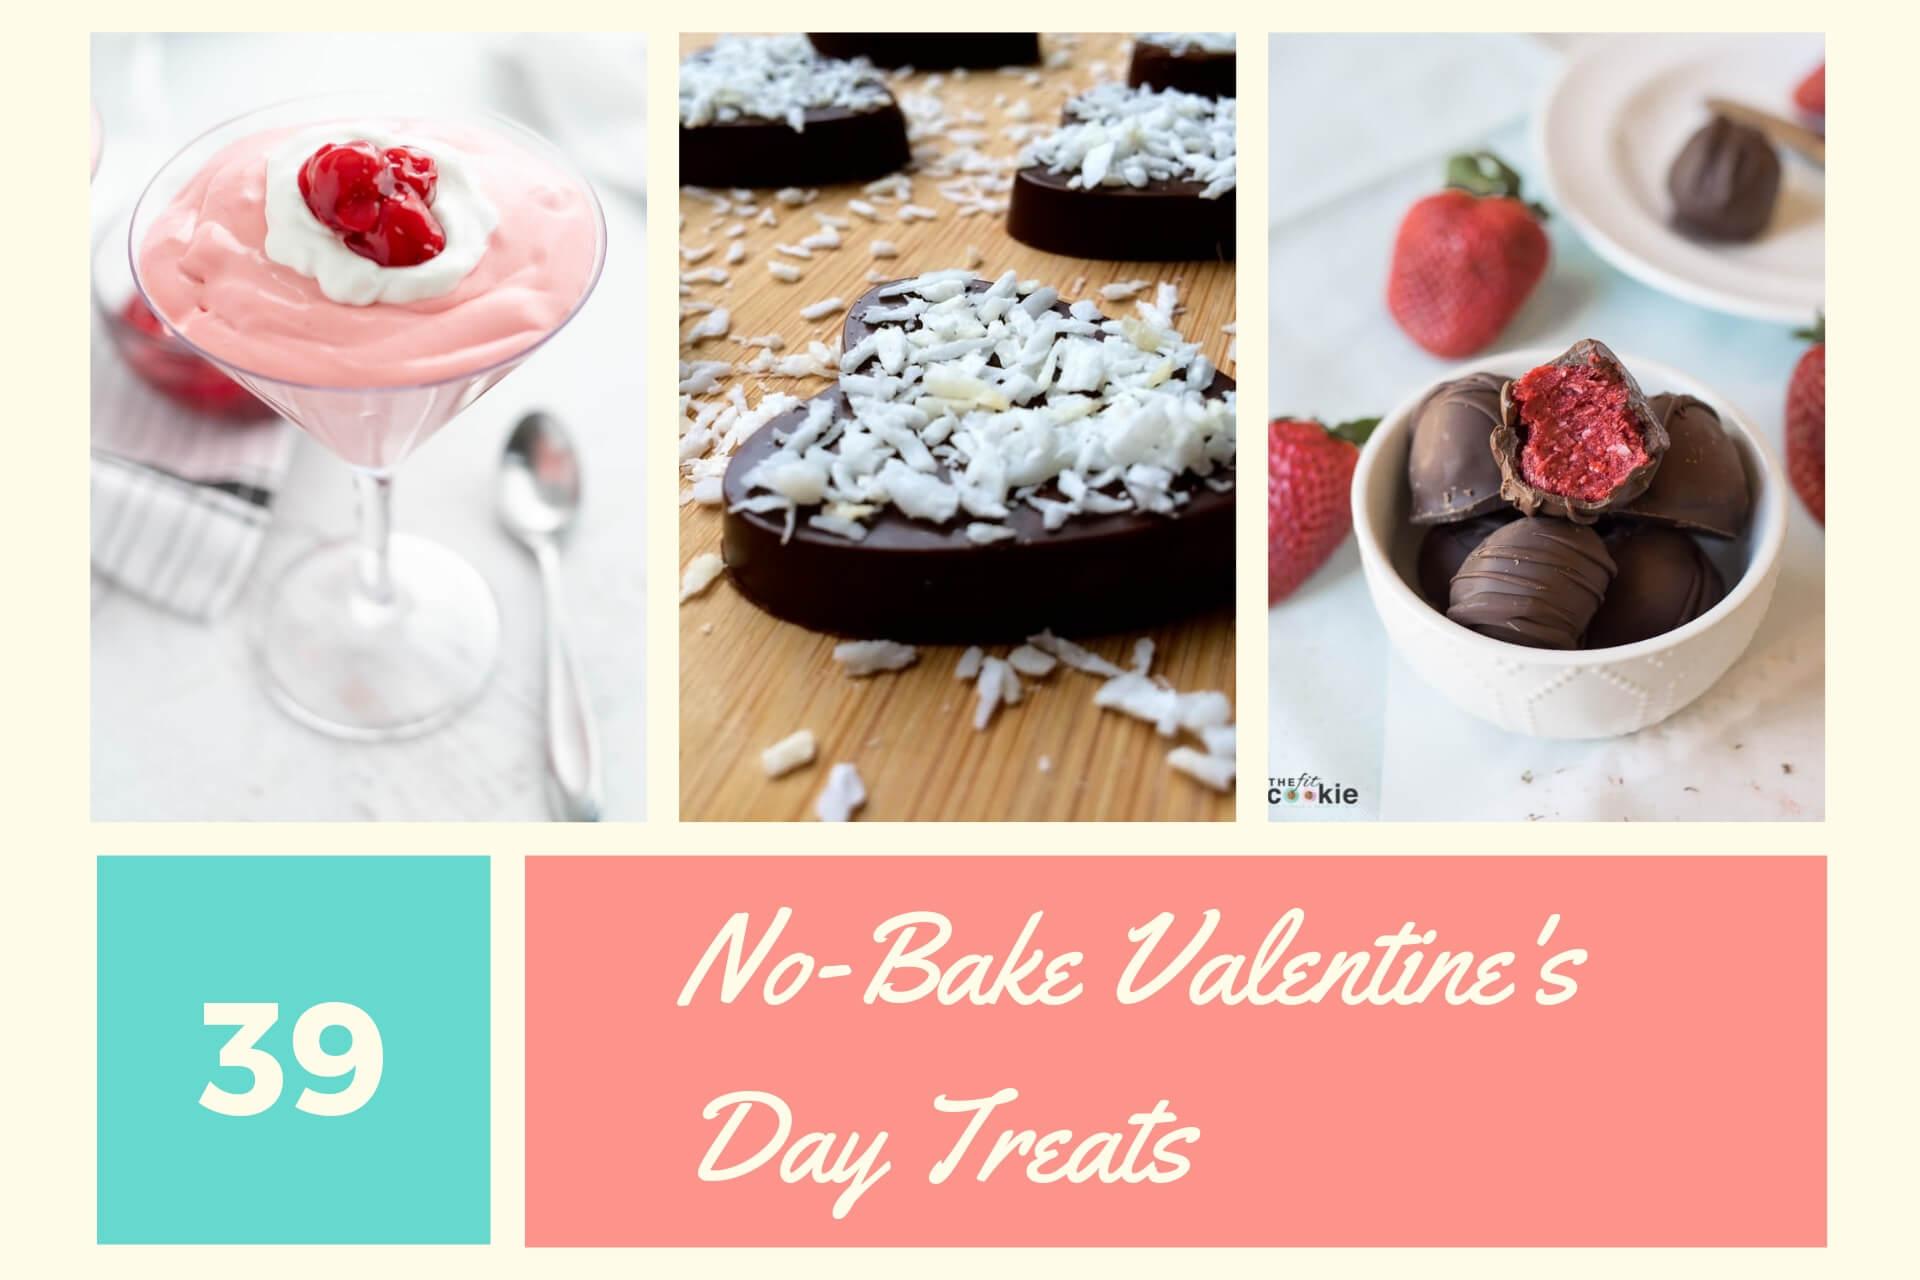 No-Bake Valentine's Day Treats